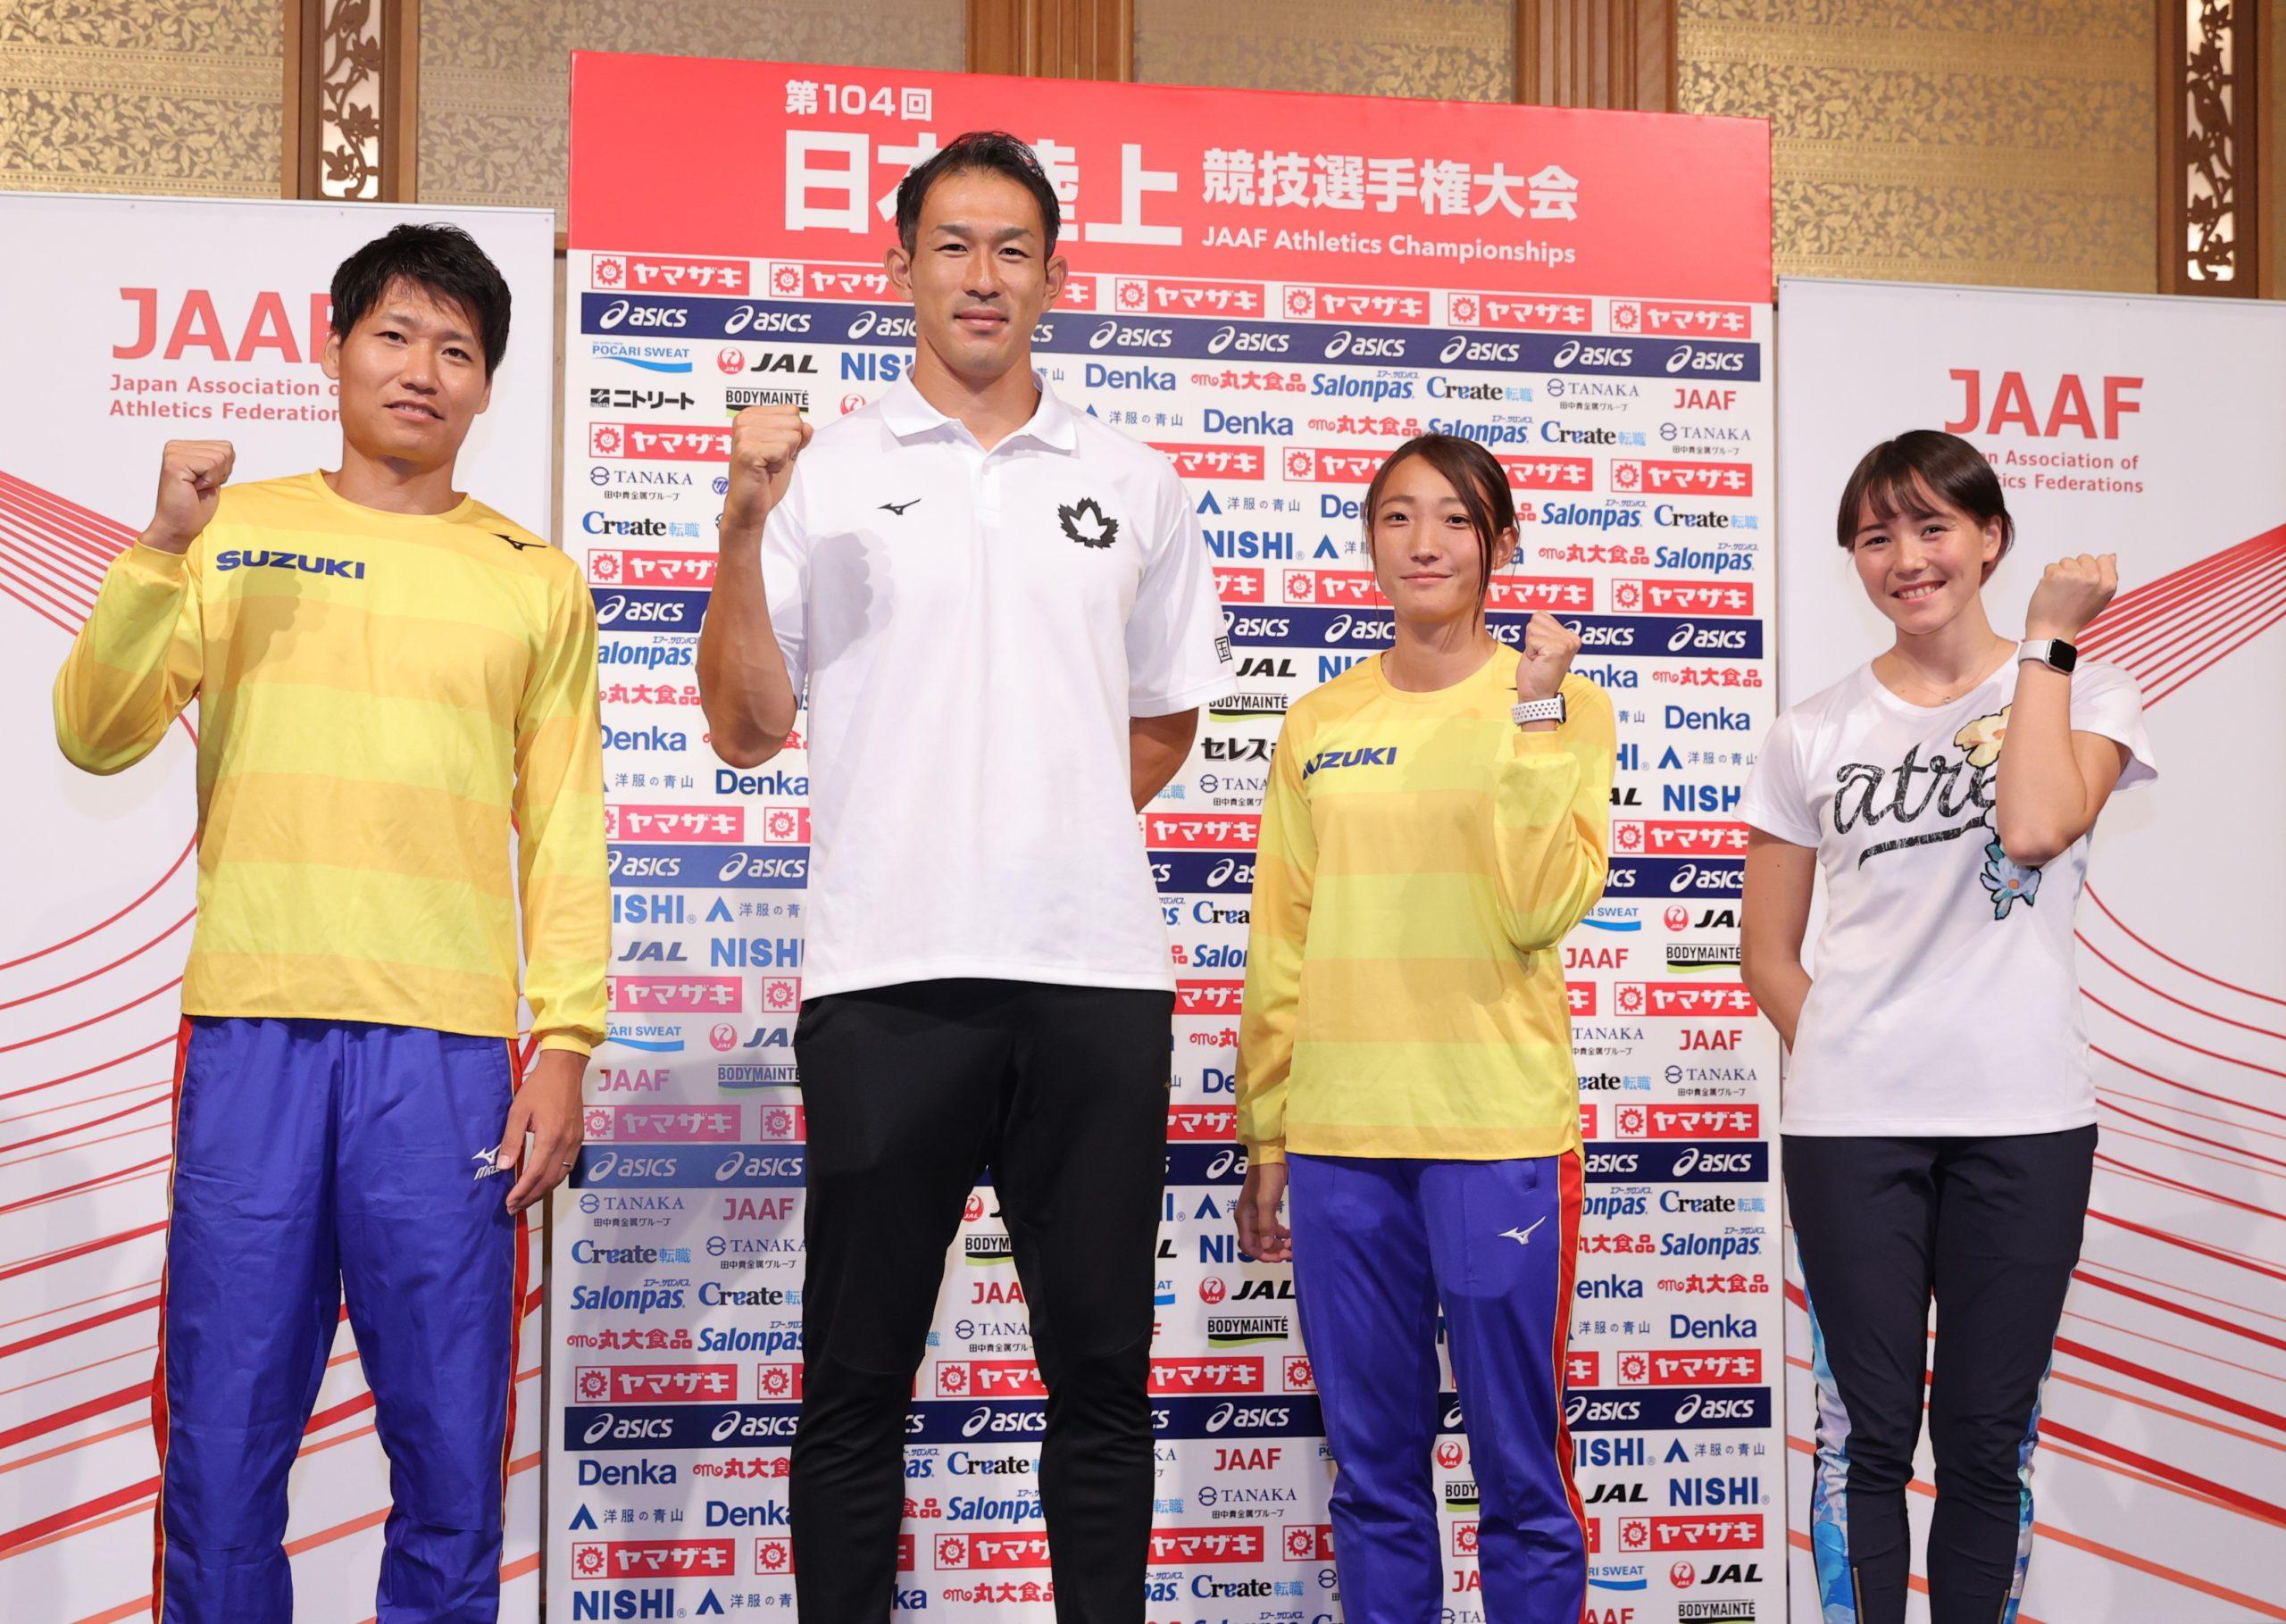 【混成】日本選手権混成の前日会見 34歳・右代「6年ぶりの日本記録更新を目指す」